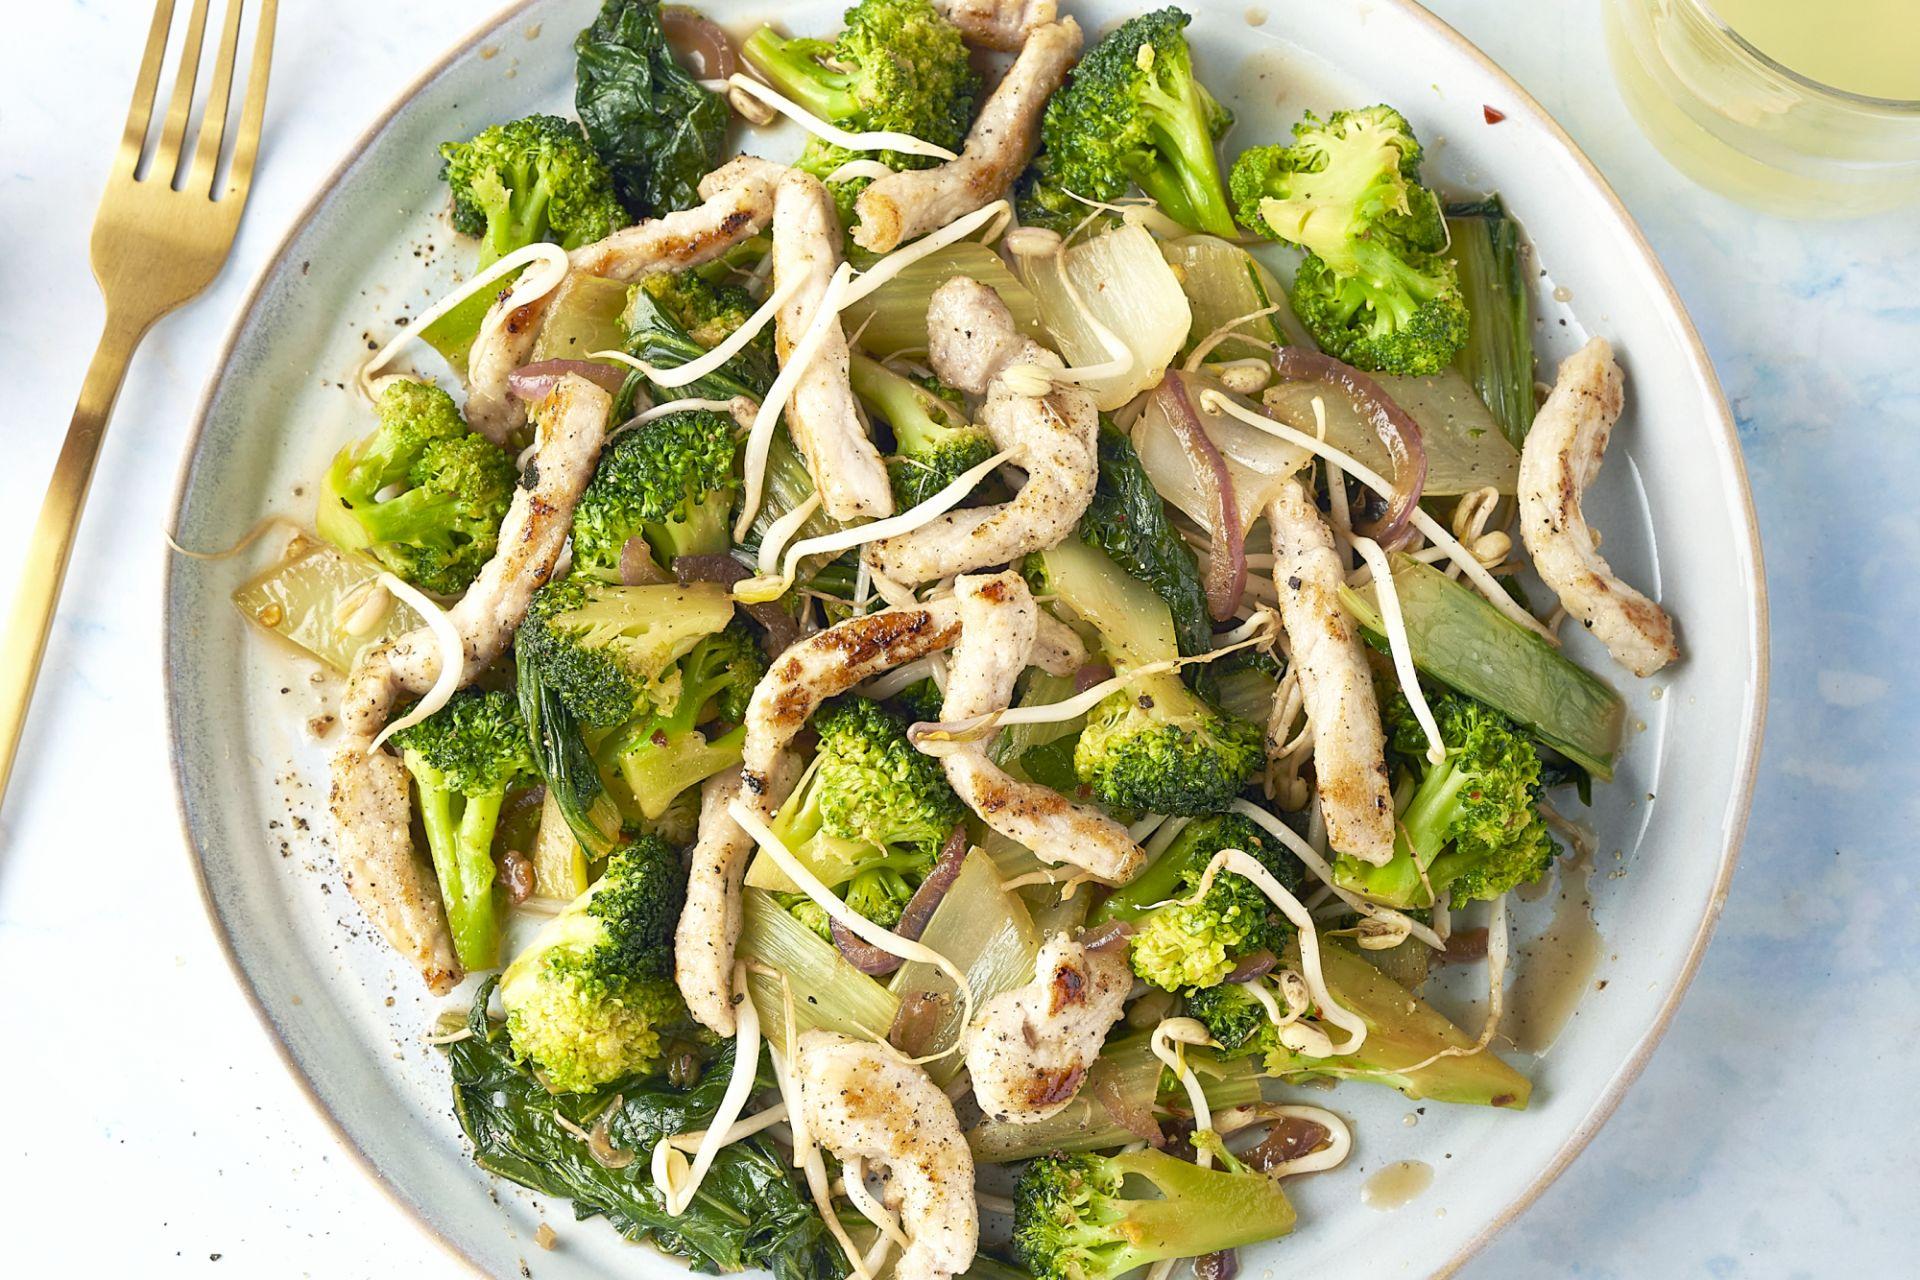 Gewokte varkensreepjes met broccoli, paksoi en sojascheuten